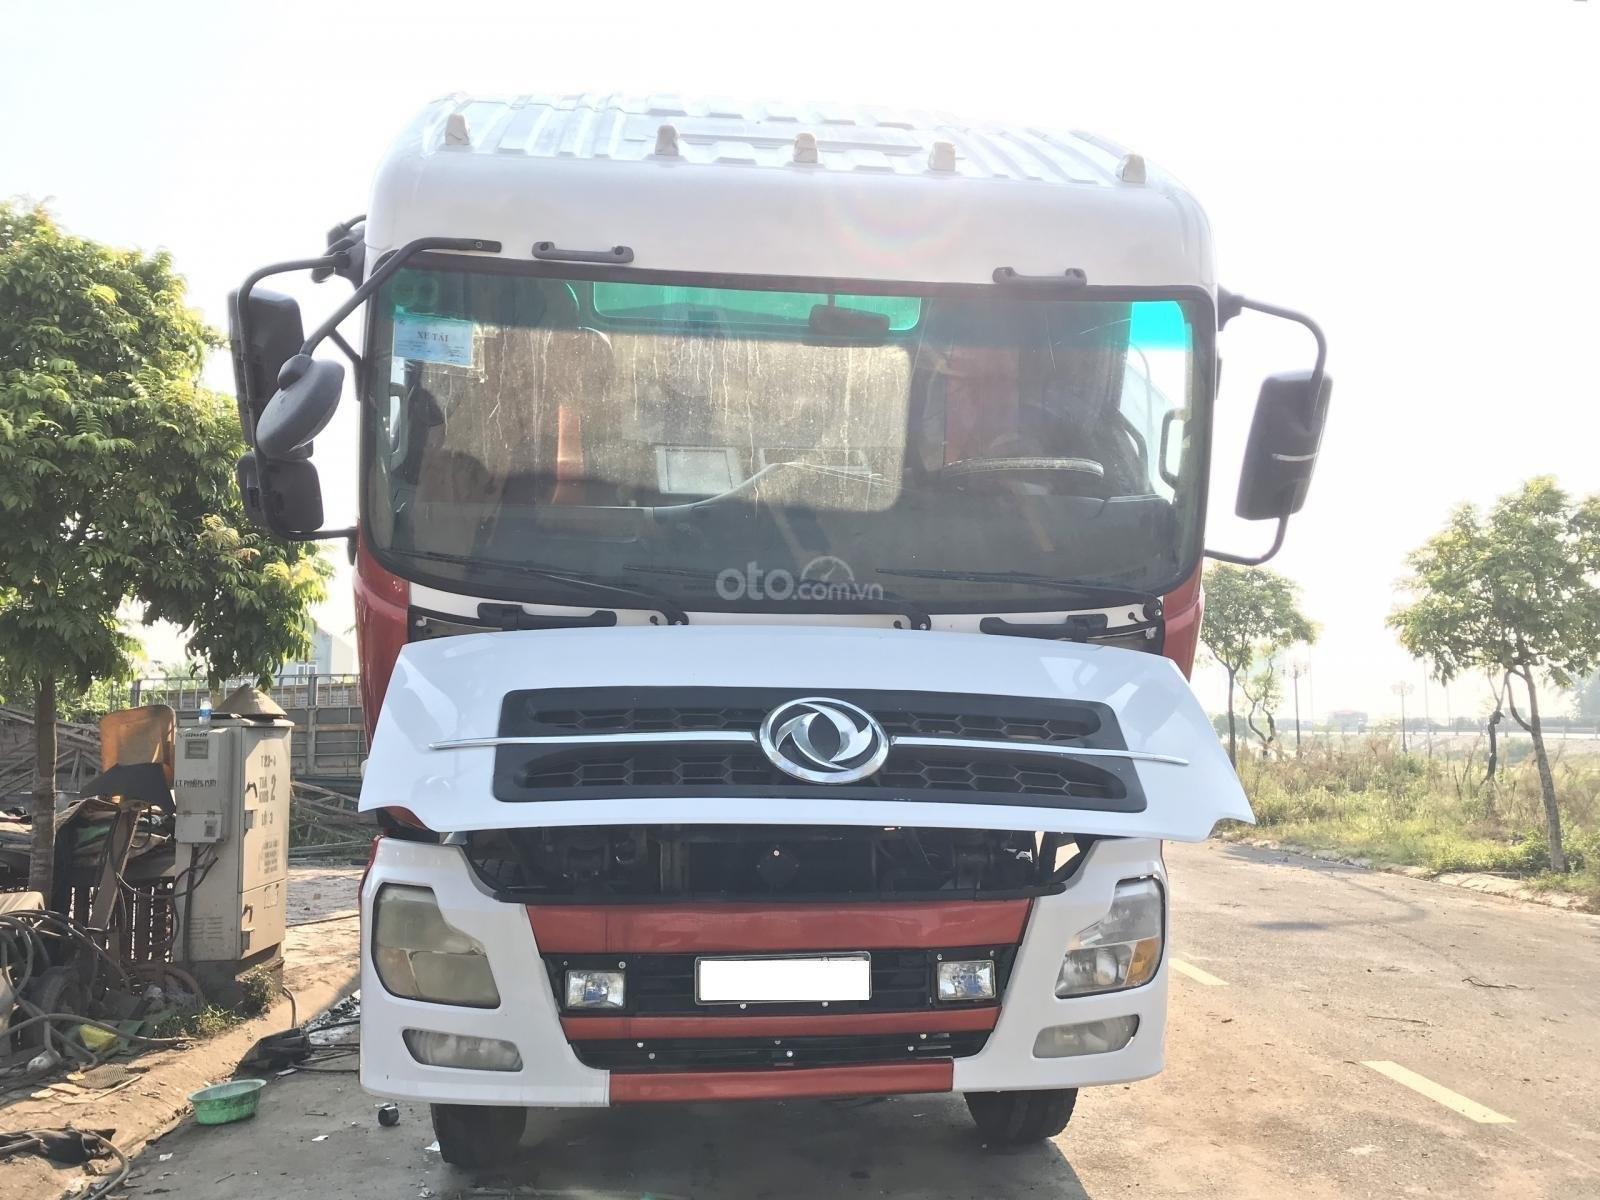 Cần bán xe tải Hoàng Huy 2 dí thùng dài, tải cao, lốp mới cả giàn (6)